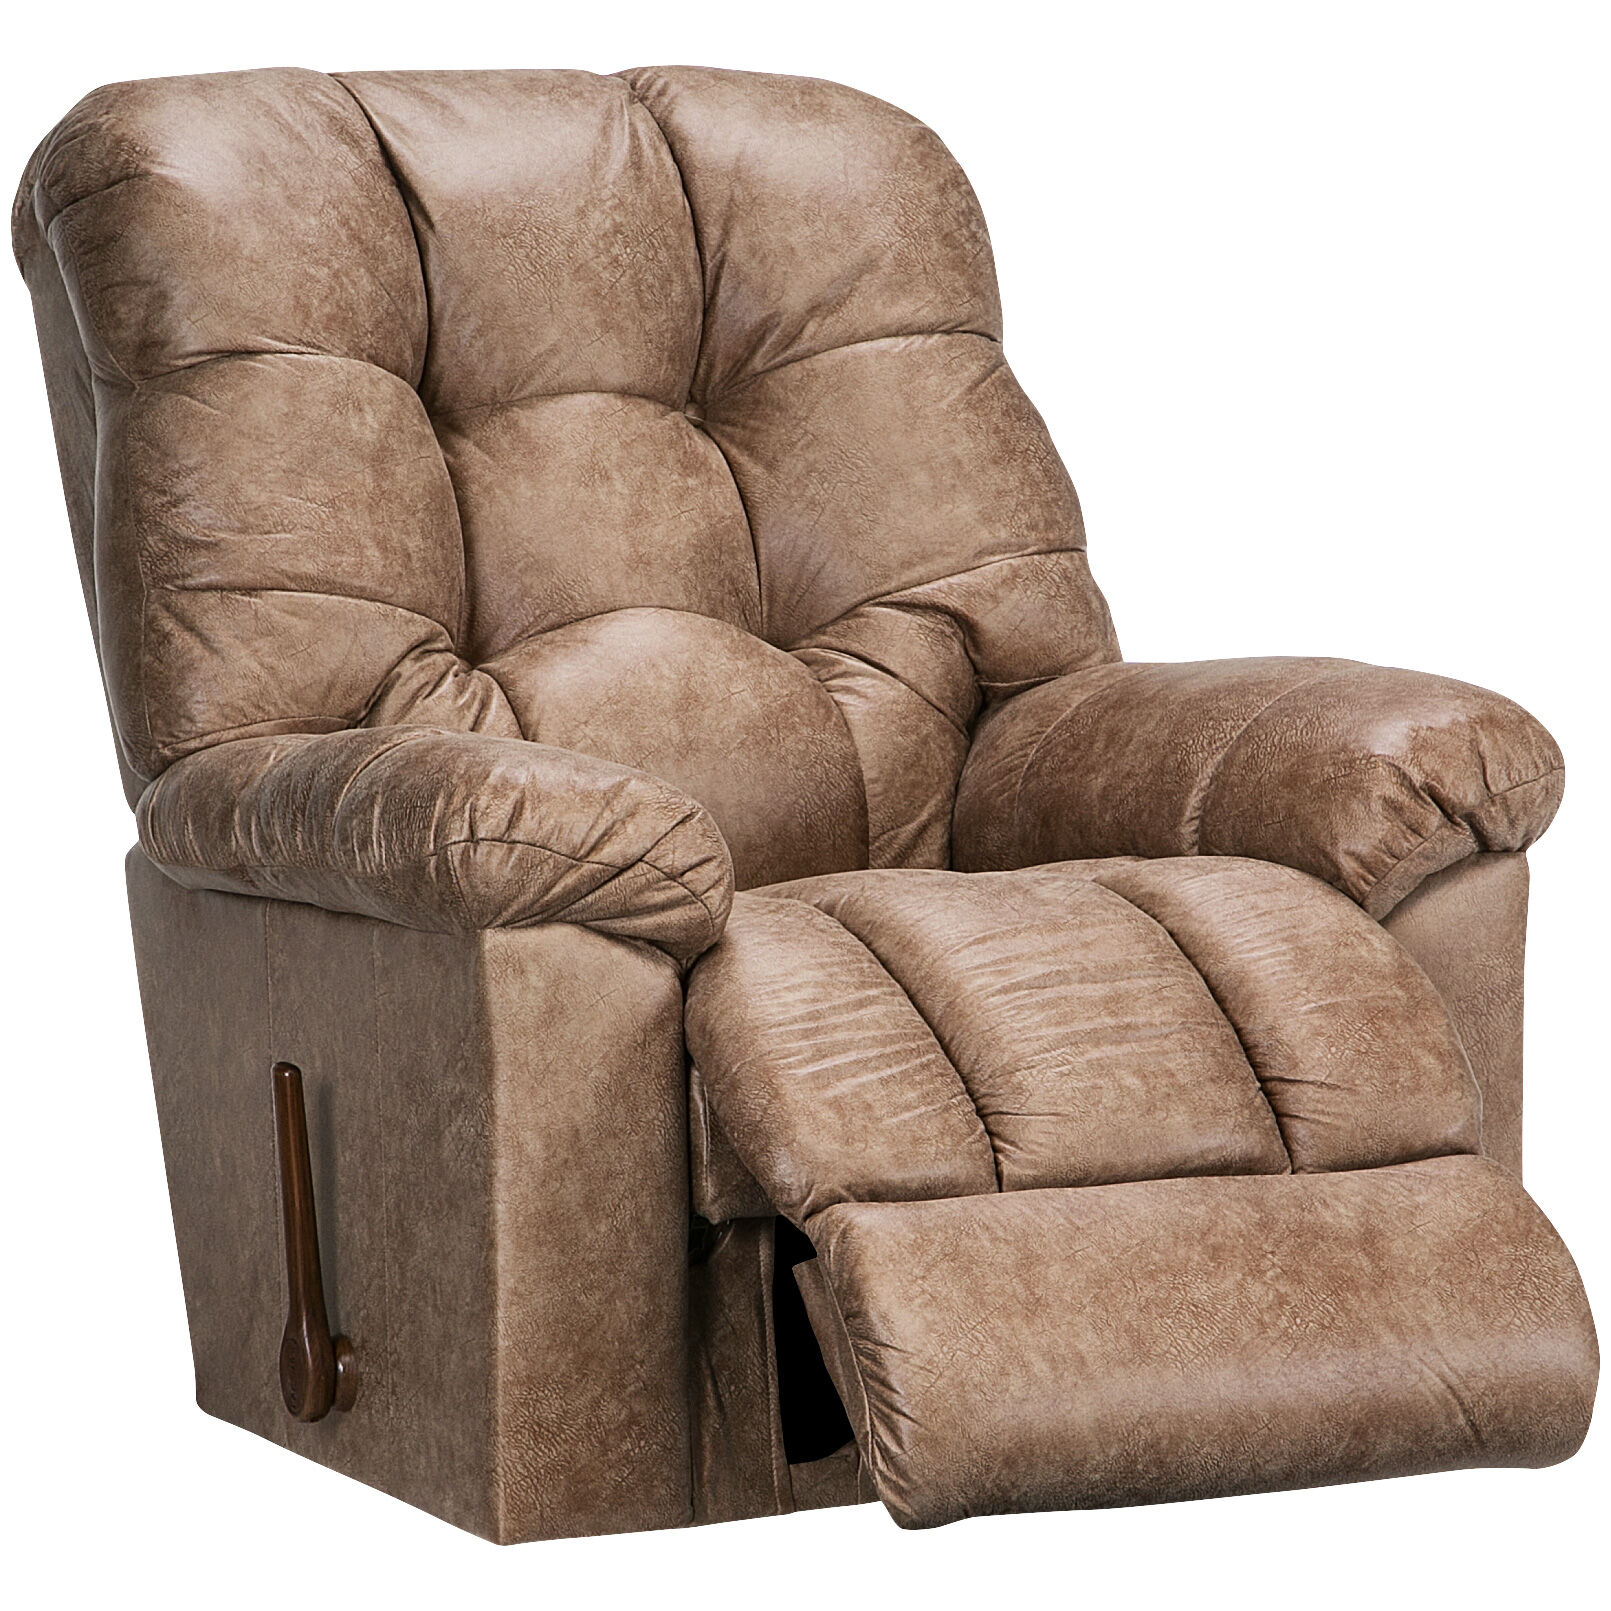 Slumberland Furniture  Gibson Fawn Rocker Recliner